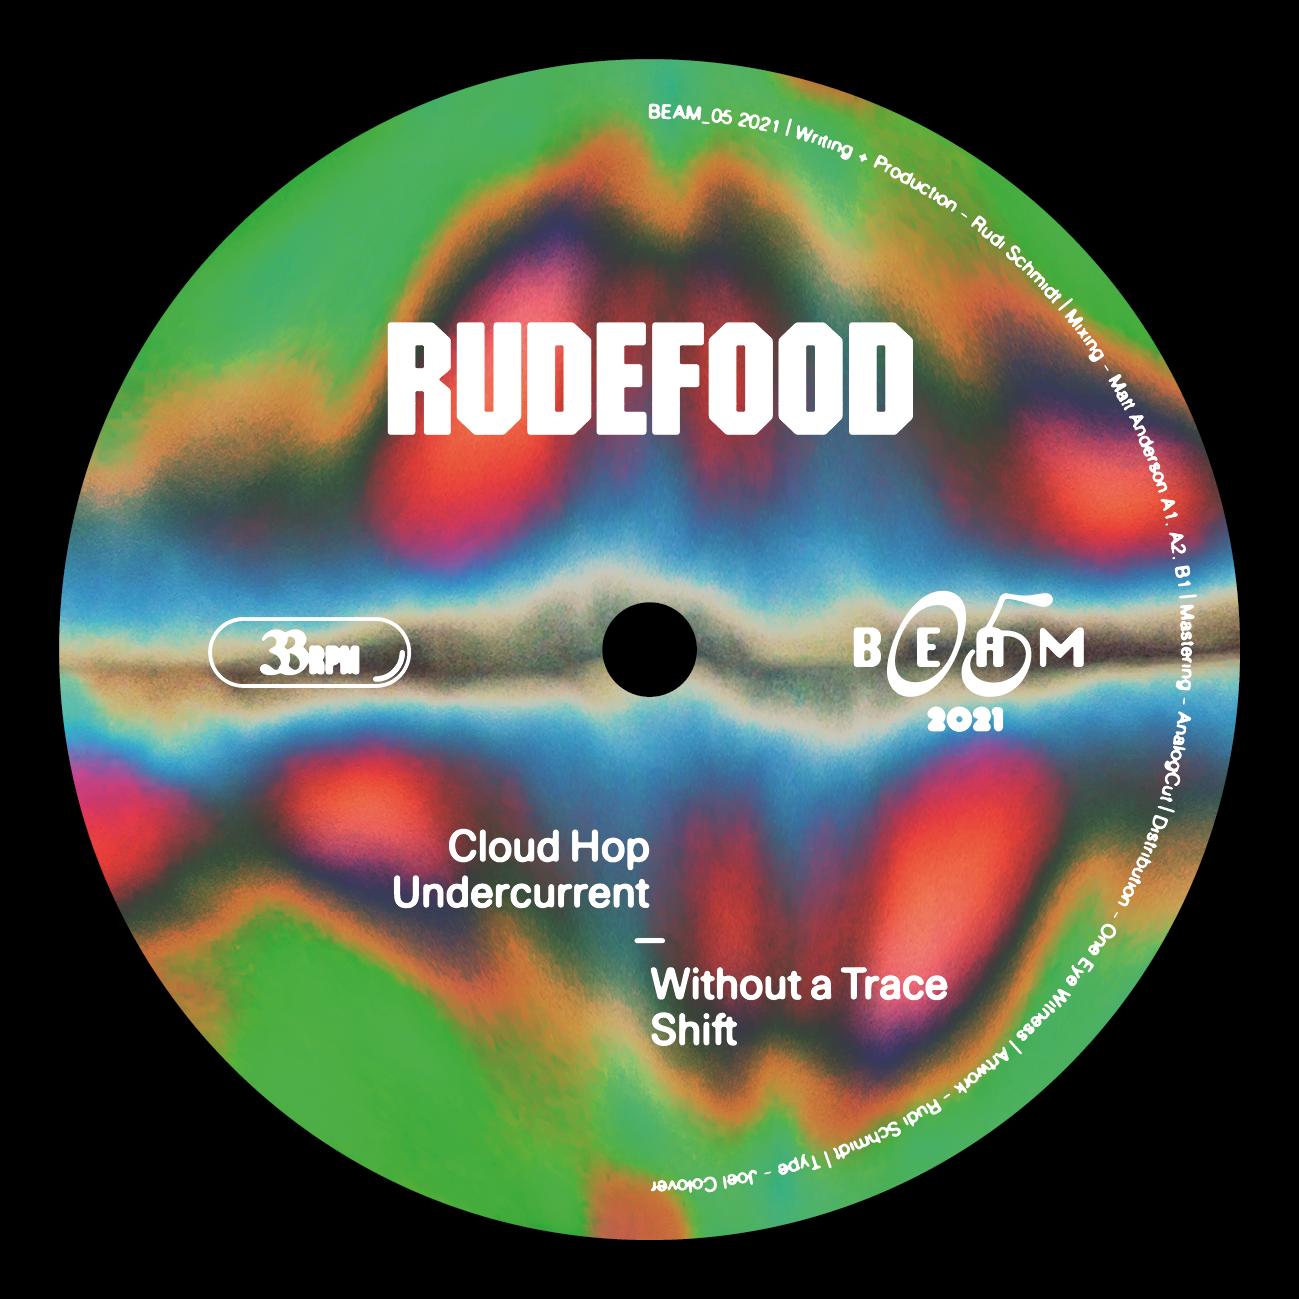 Rudefood - Cloud Hop